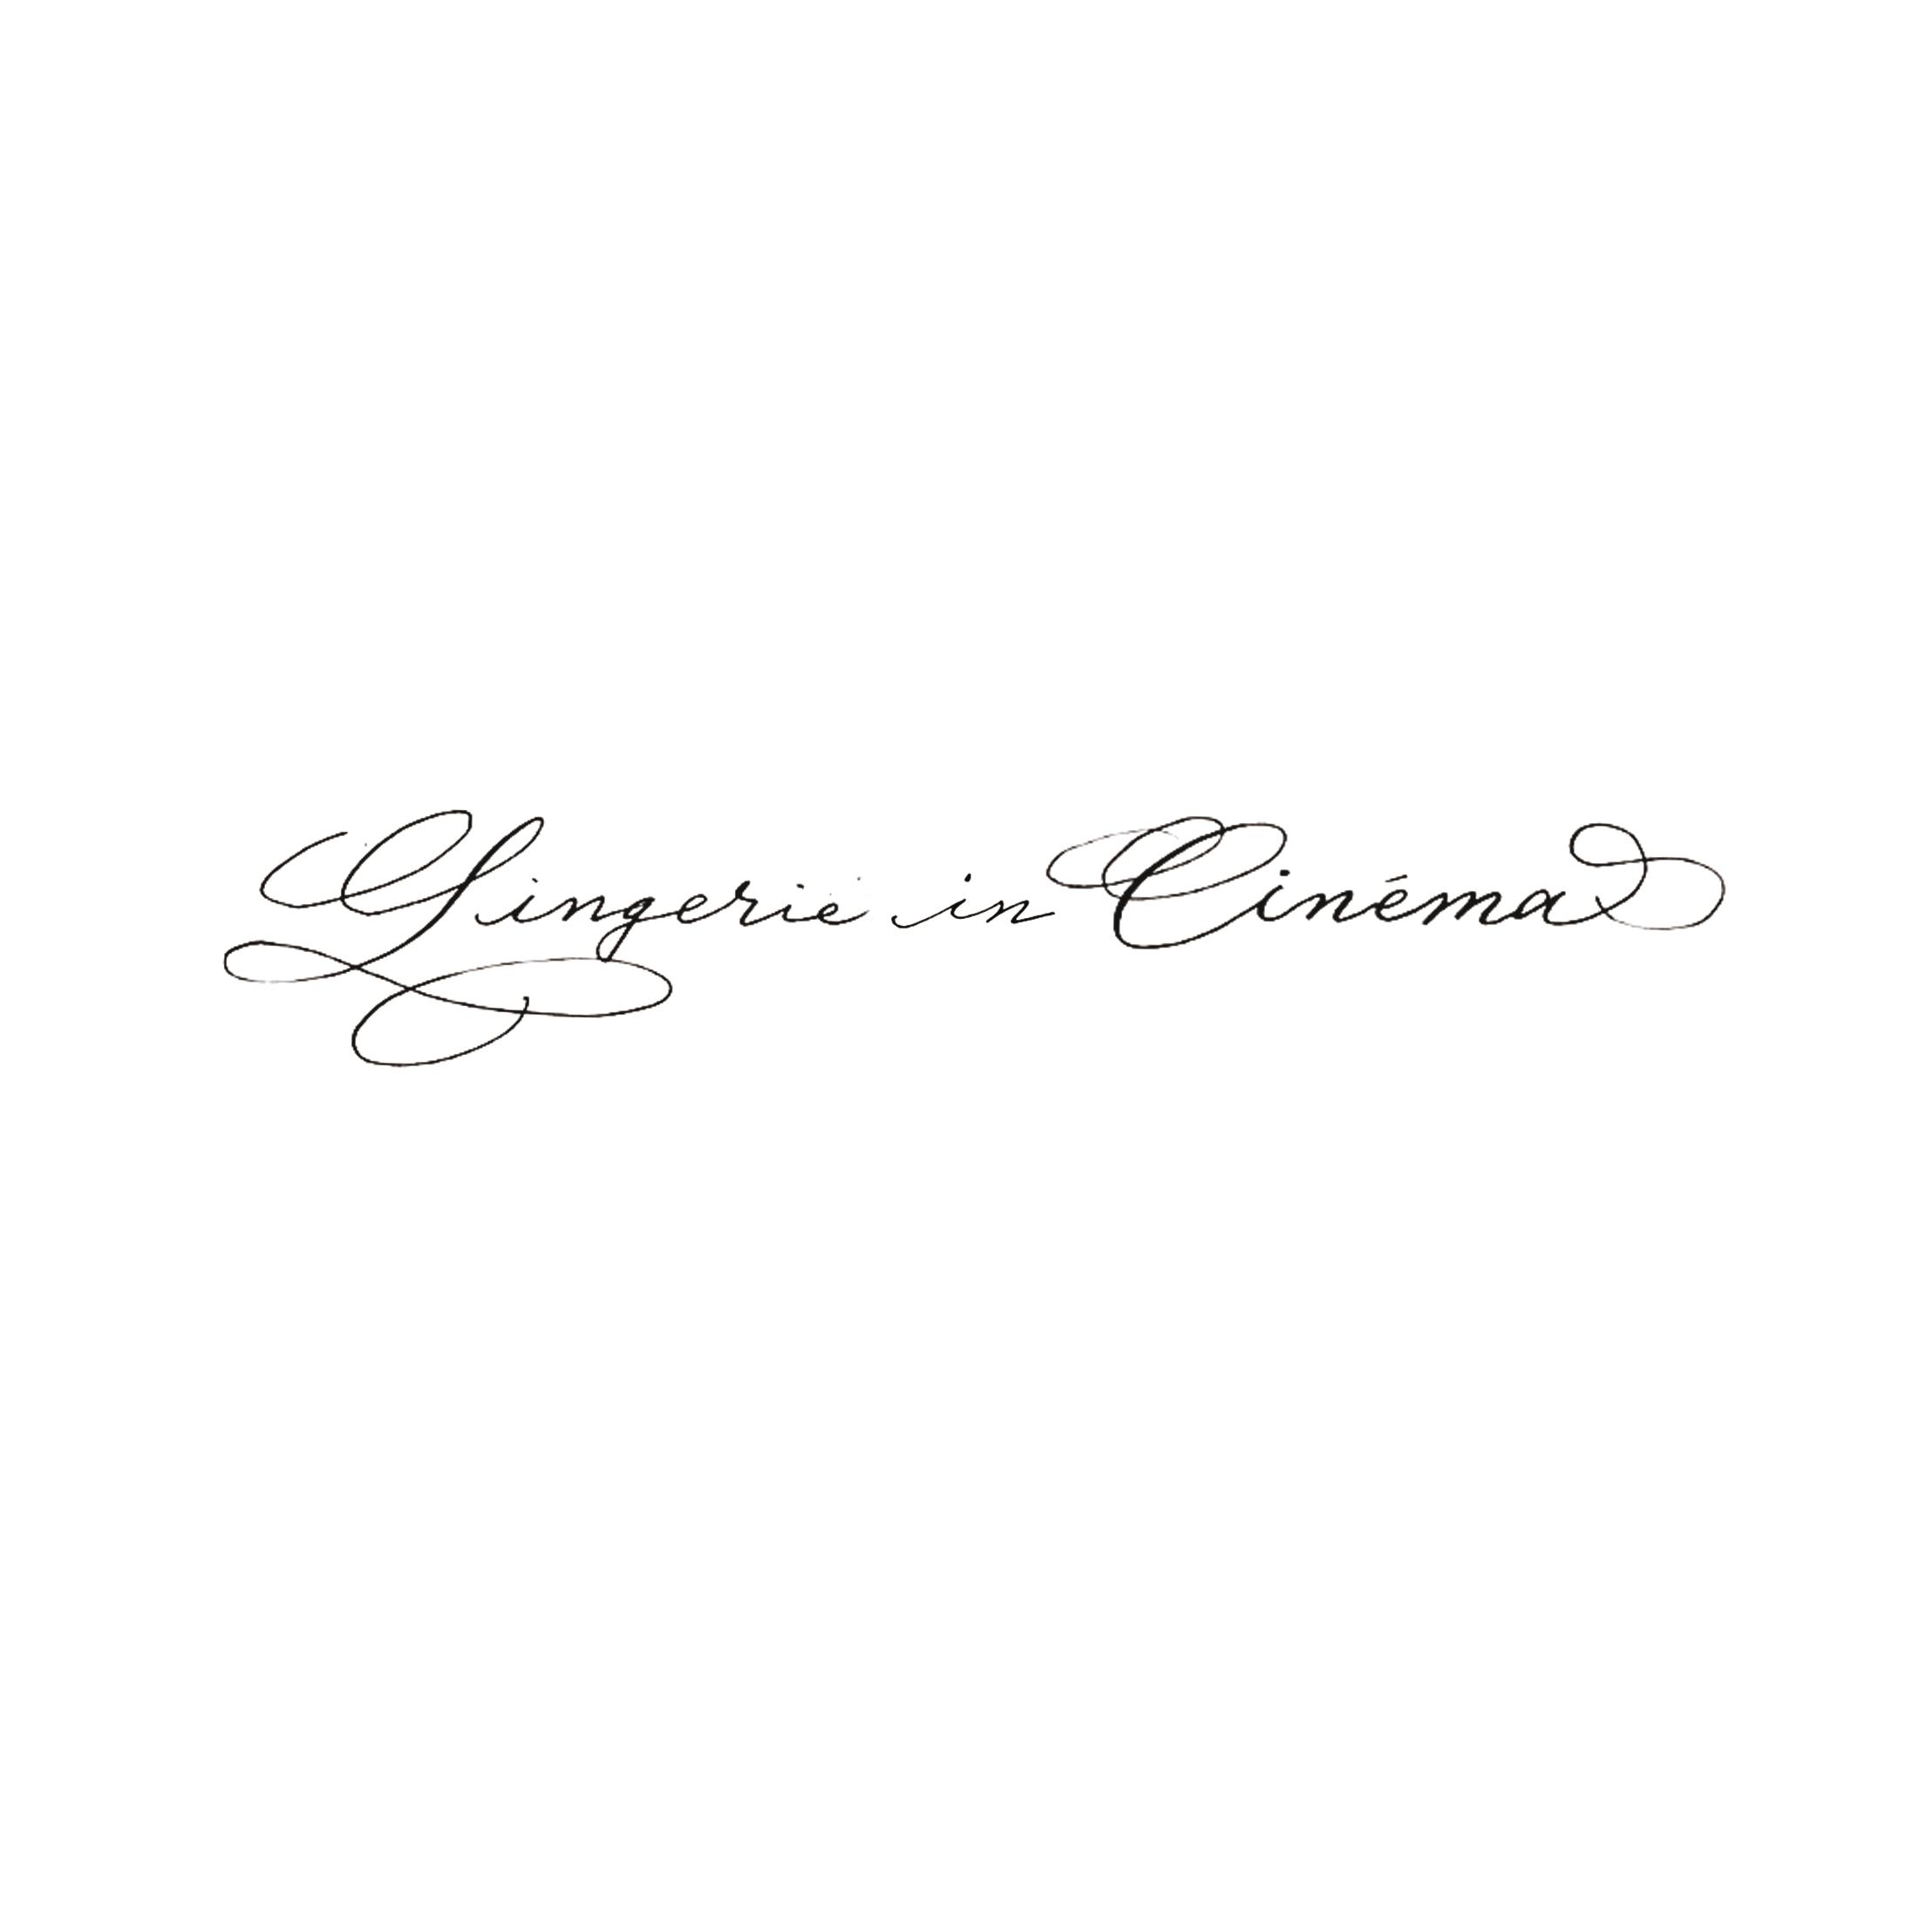 Lingerie-in-cinema_typo_yoko.jpg